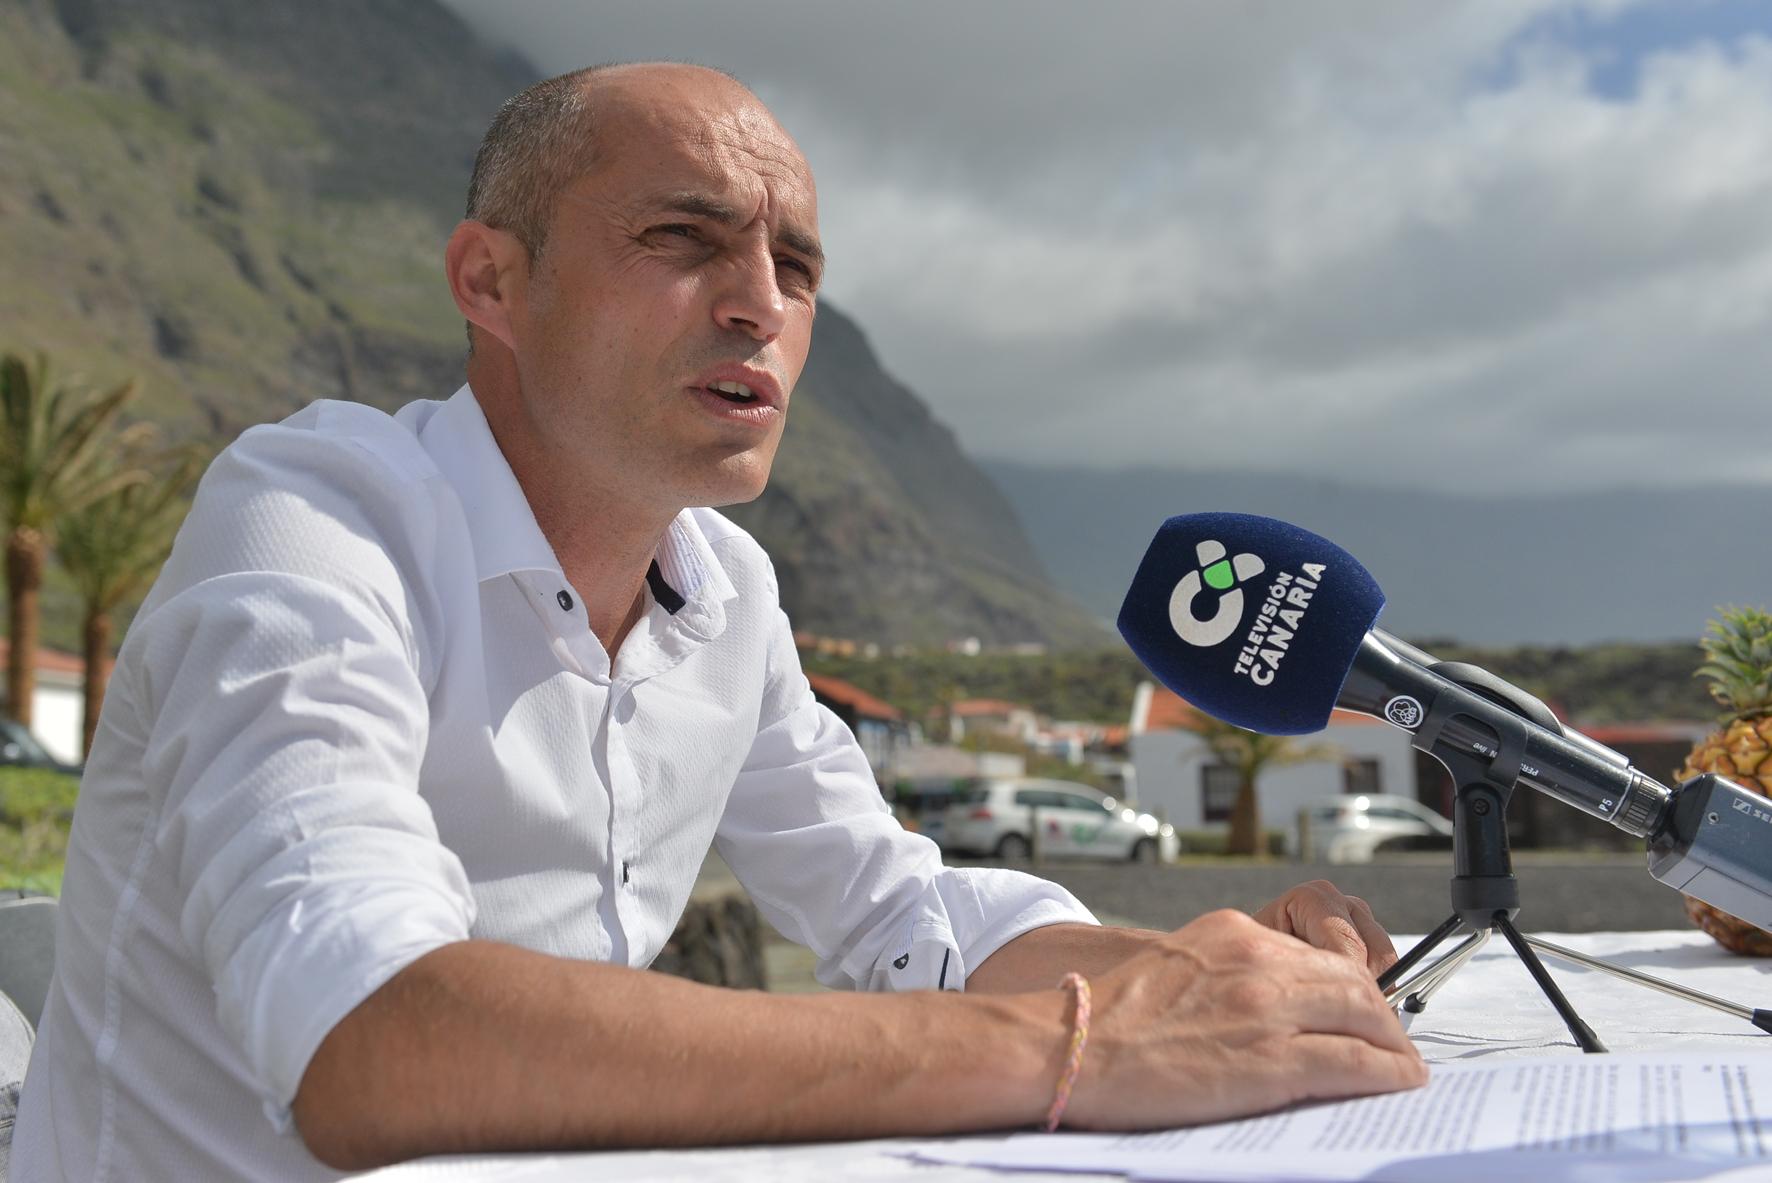 Cabrera presenta propuestas de enmiendas a los presupuestos de Canarias para el año 2020 - GacetadelMeridiano